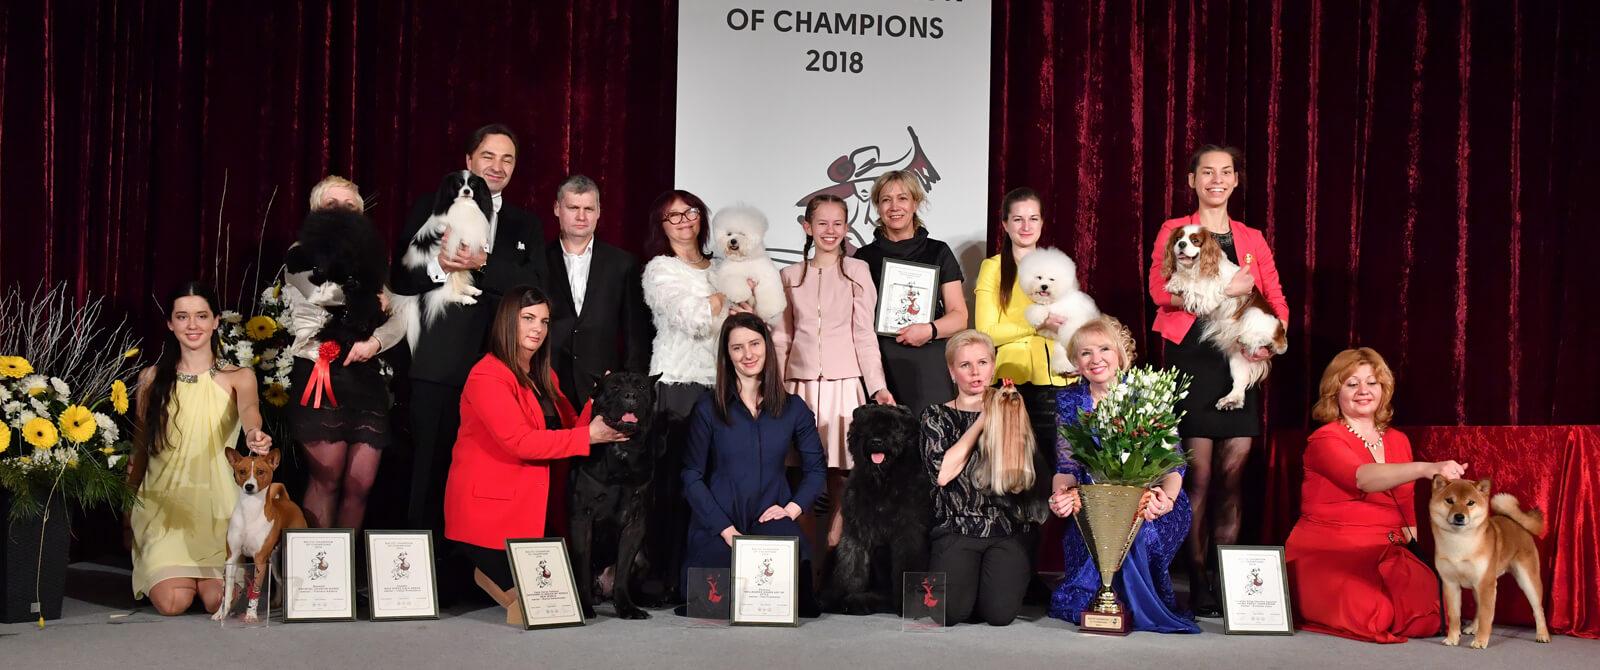 Baltijos šalių šunų čempionų čempionatas 2018